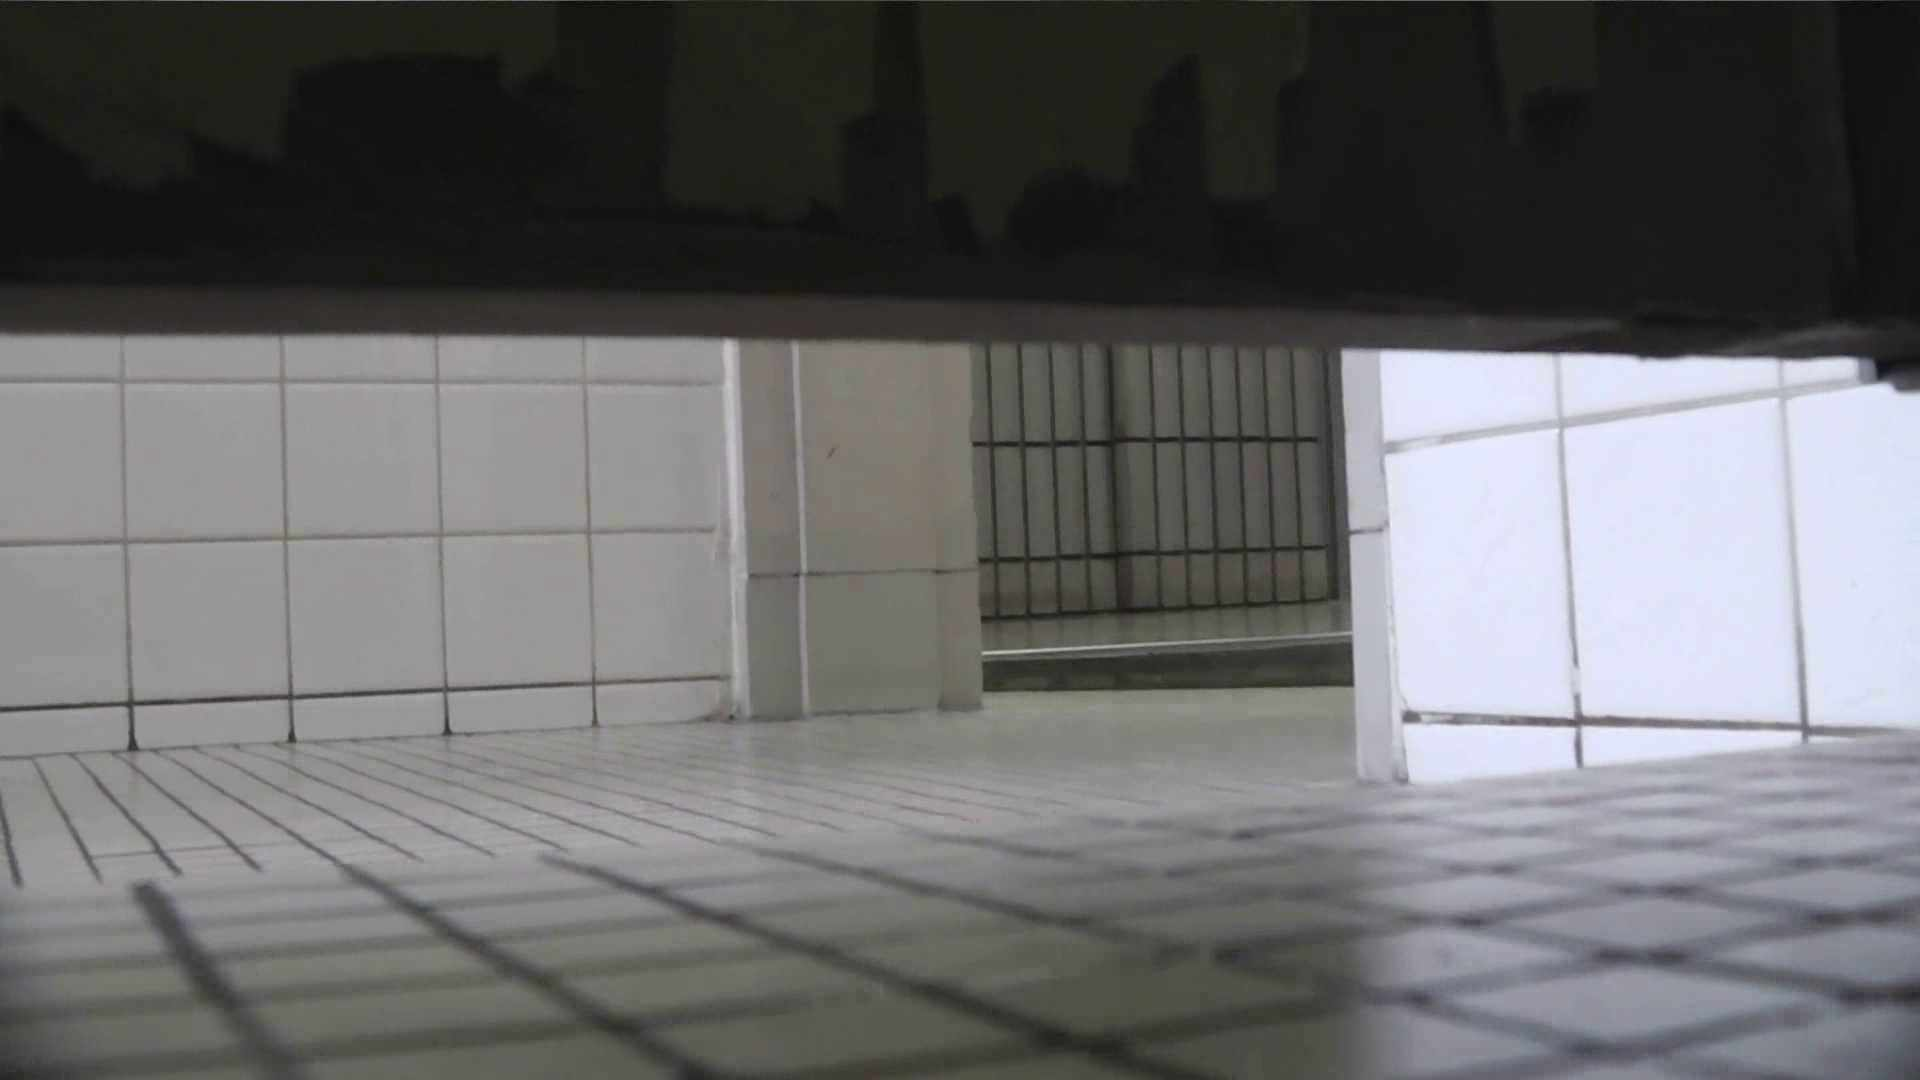 【美しき個室な世界】 vol.025 メガネ属性ヾ(´∀`)ノ 洗面所 | 高評価  84画像 79